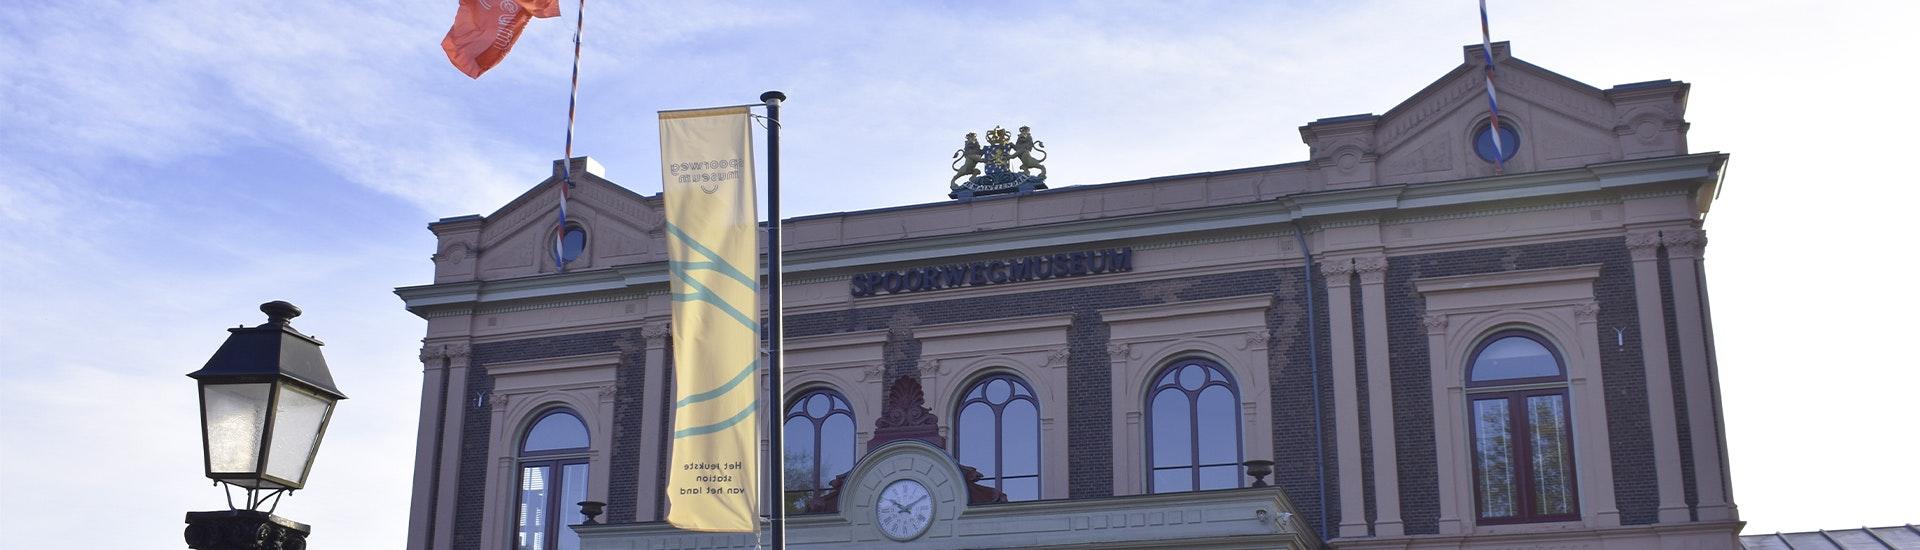 Pak de trein en reis door de tijd bij het Spoorwegmuseum!